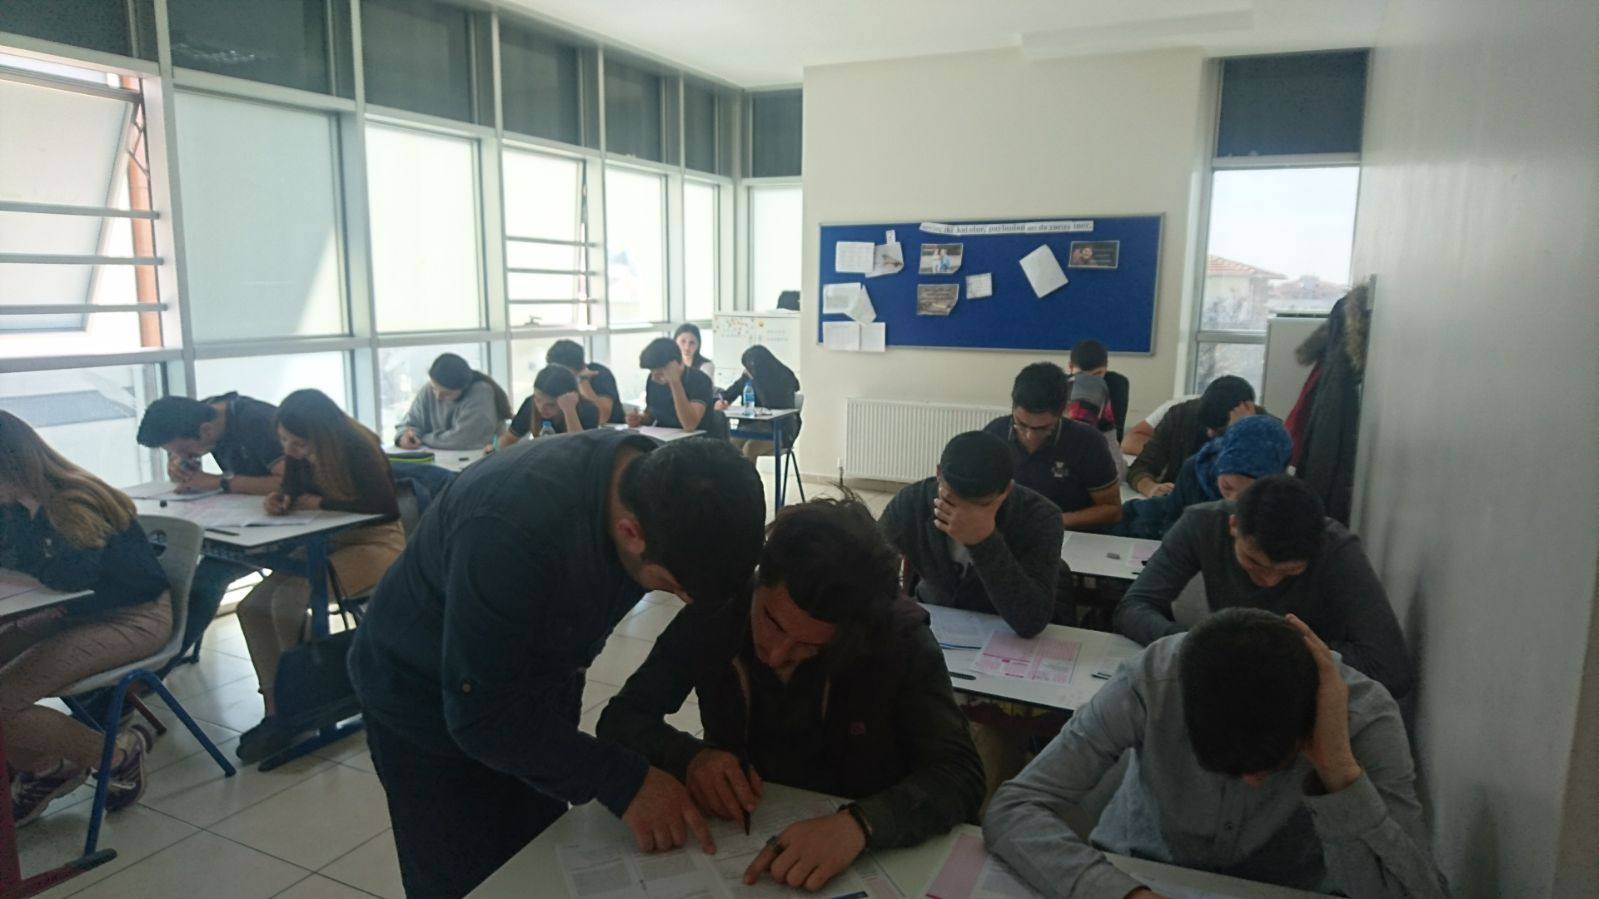 Özel Tuzla Kale Anadolu Lisesi öğrencileri her ayın ilk haftası düzenli olarak olan denememizden bir